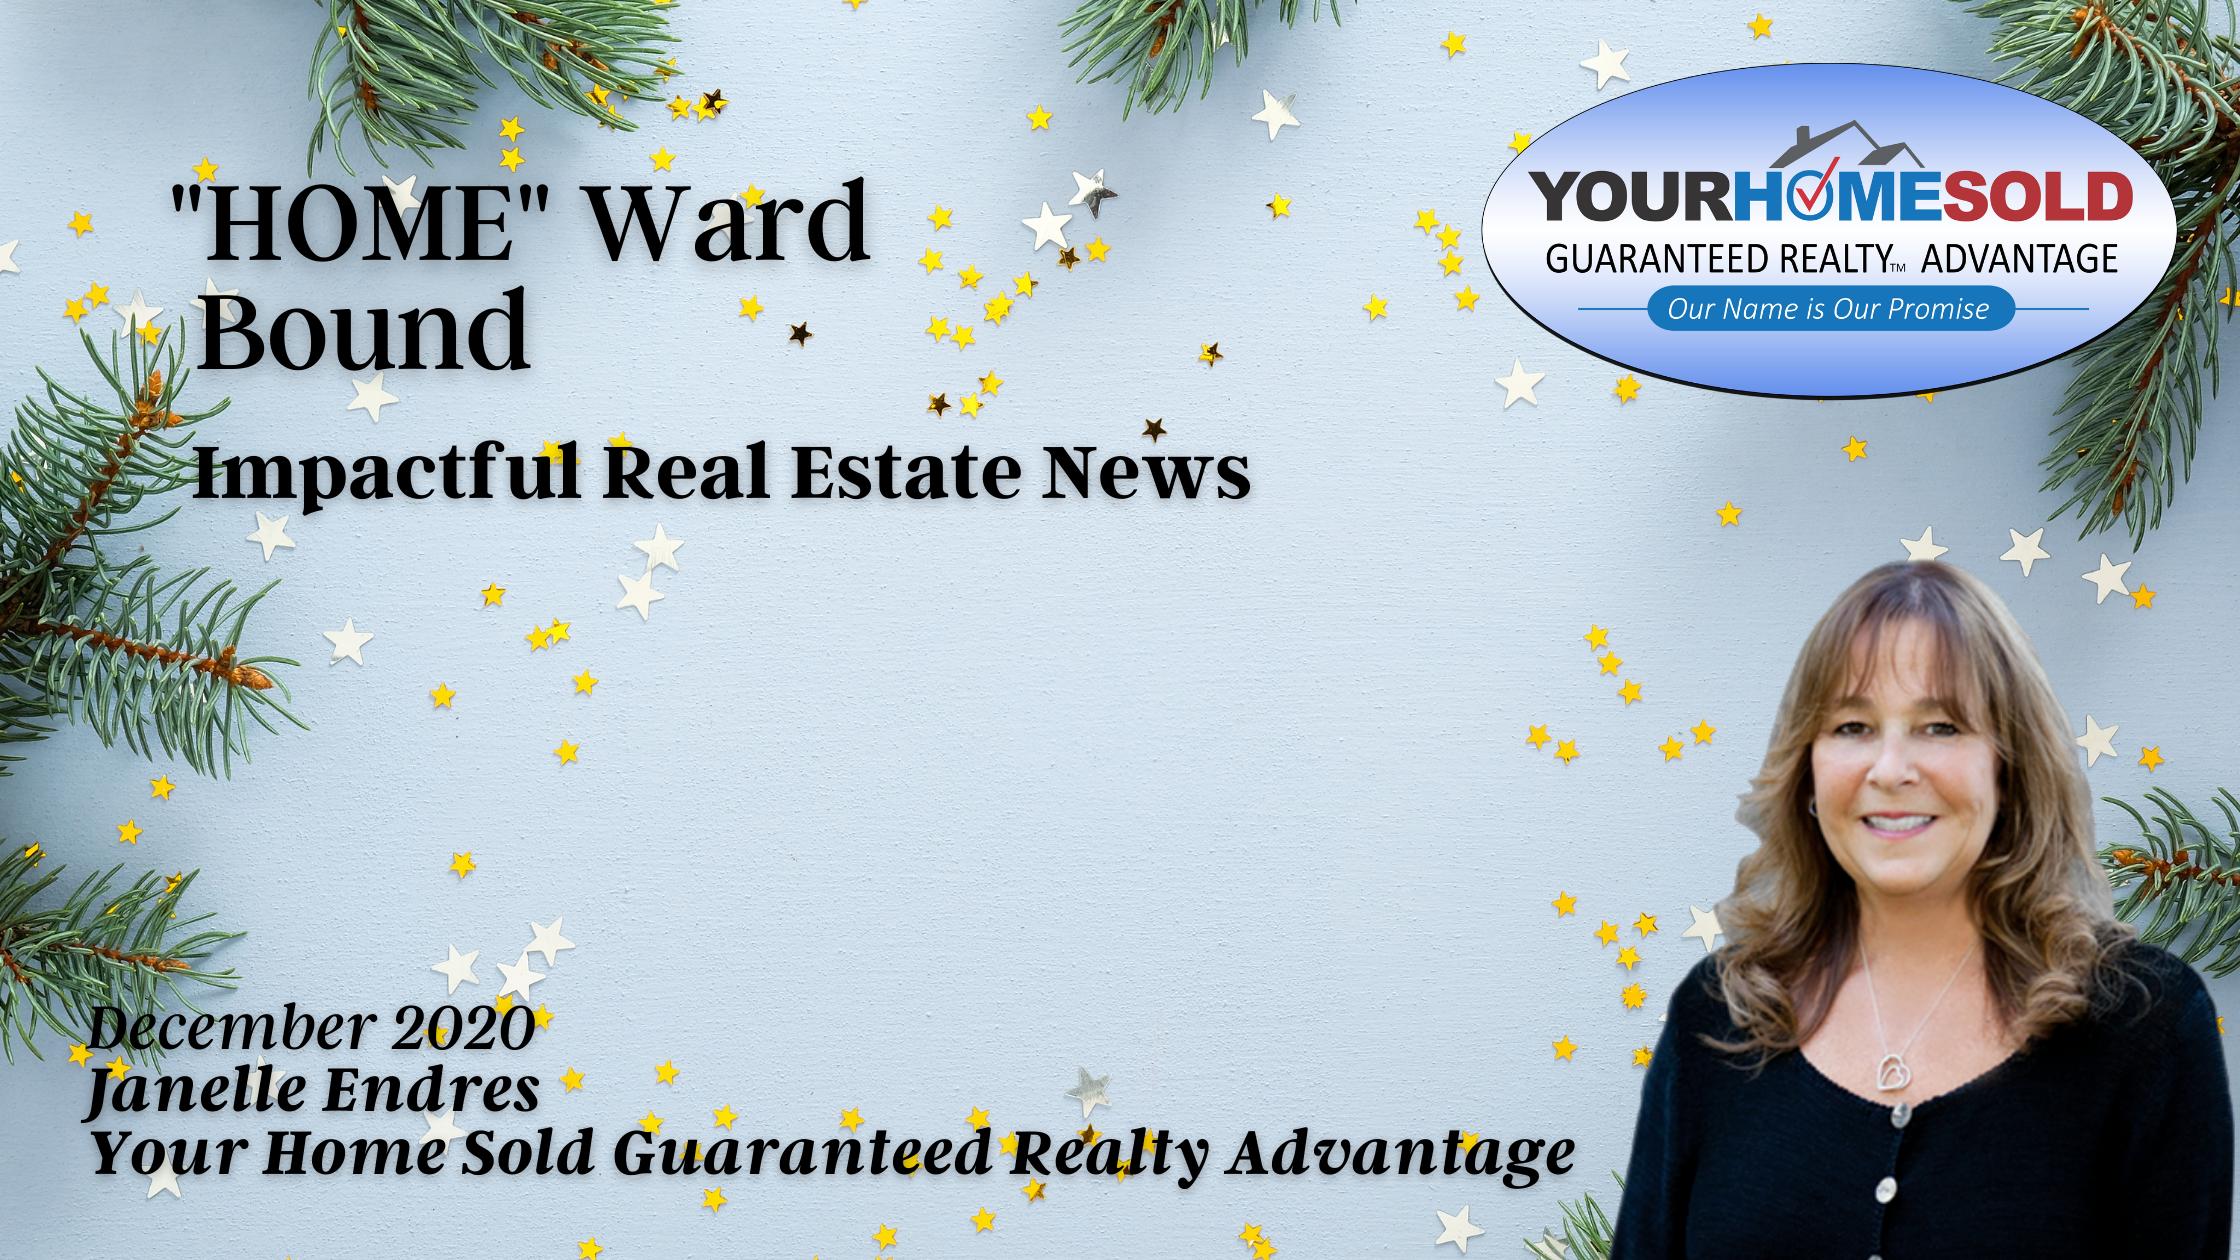 Janelle Endres Homeward bound real estate newsletter Dec 2020.png